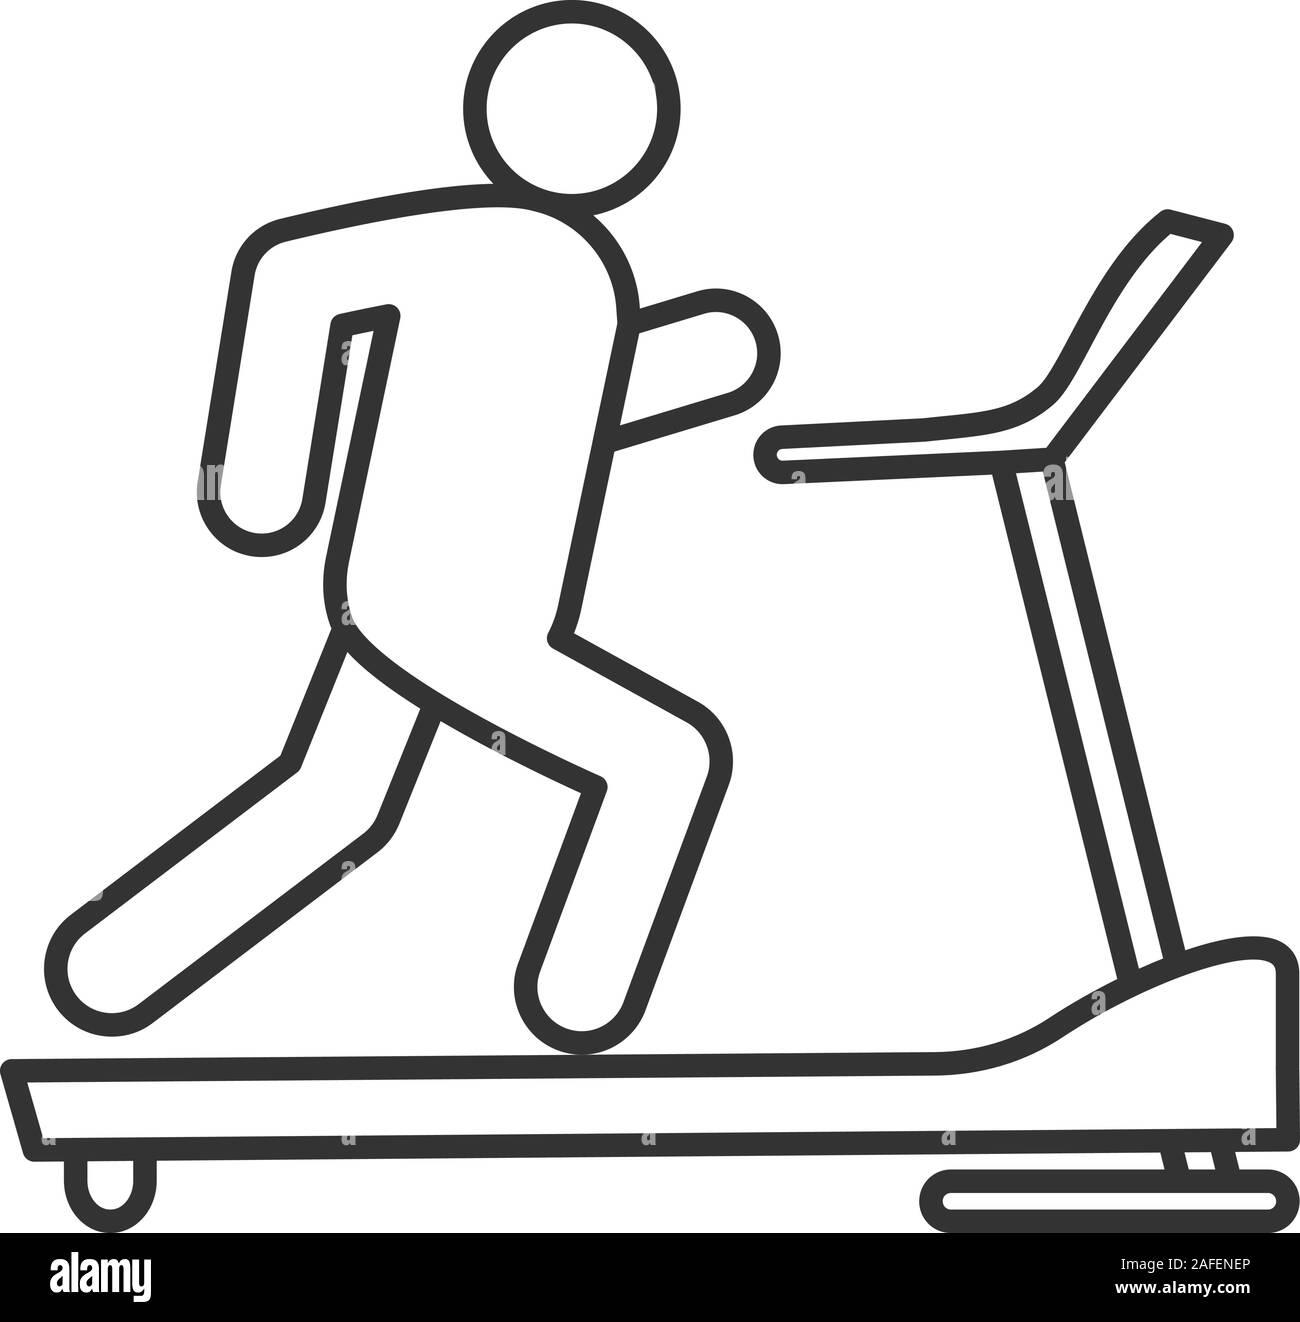 https www alamyimages fr icone lineaire de tapis roulant fine ligne illustration machine d exercice symbole de contour dessin vectoriel apercu isoles image336541038 html